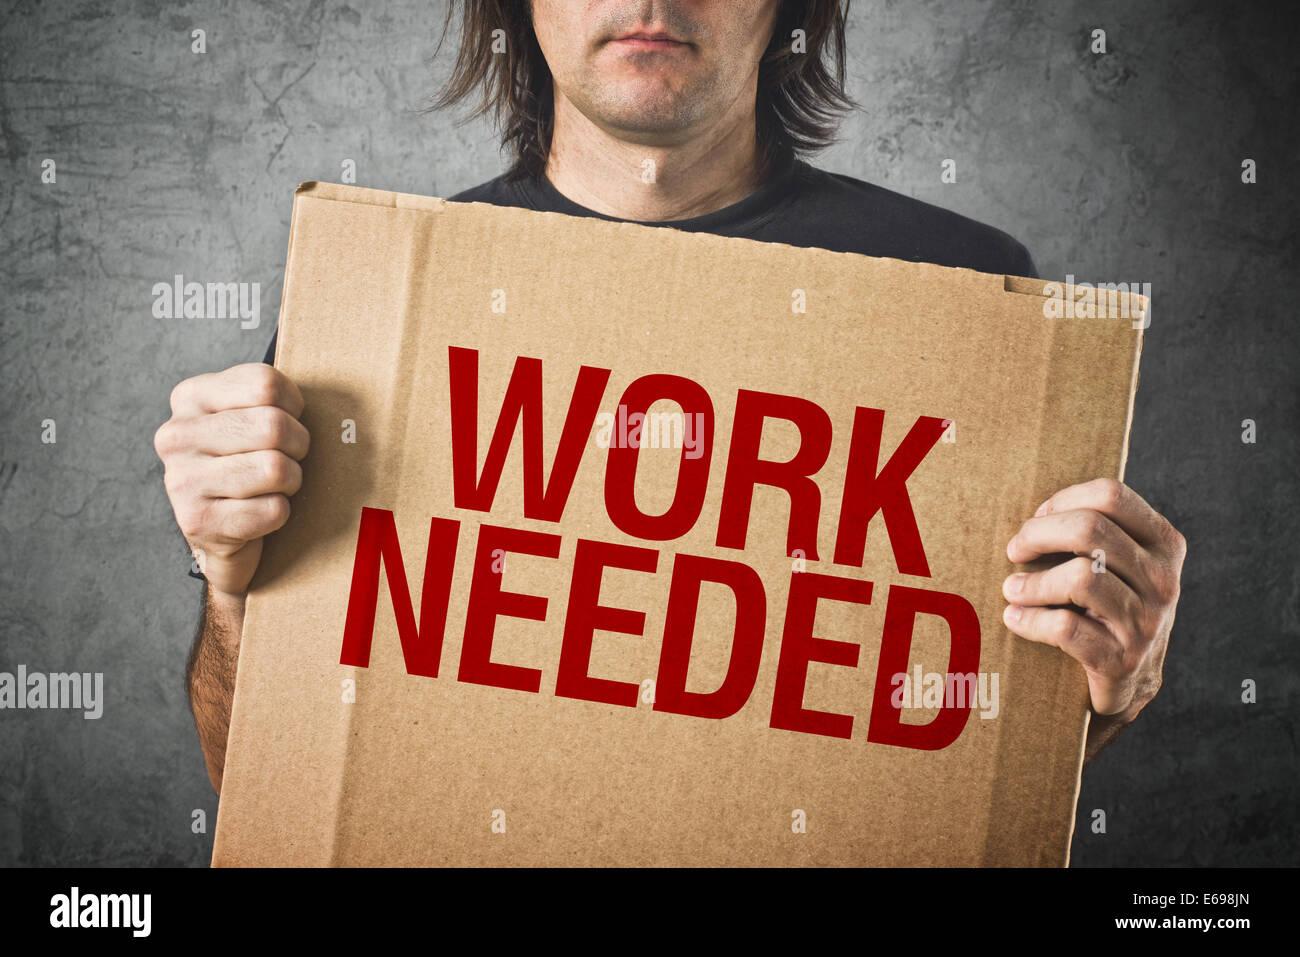 L'homme a besoin d'un emploi. Homme au chômage tenant conseil avec titre travaux nécessaires Photo Stock